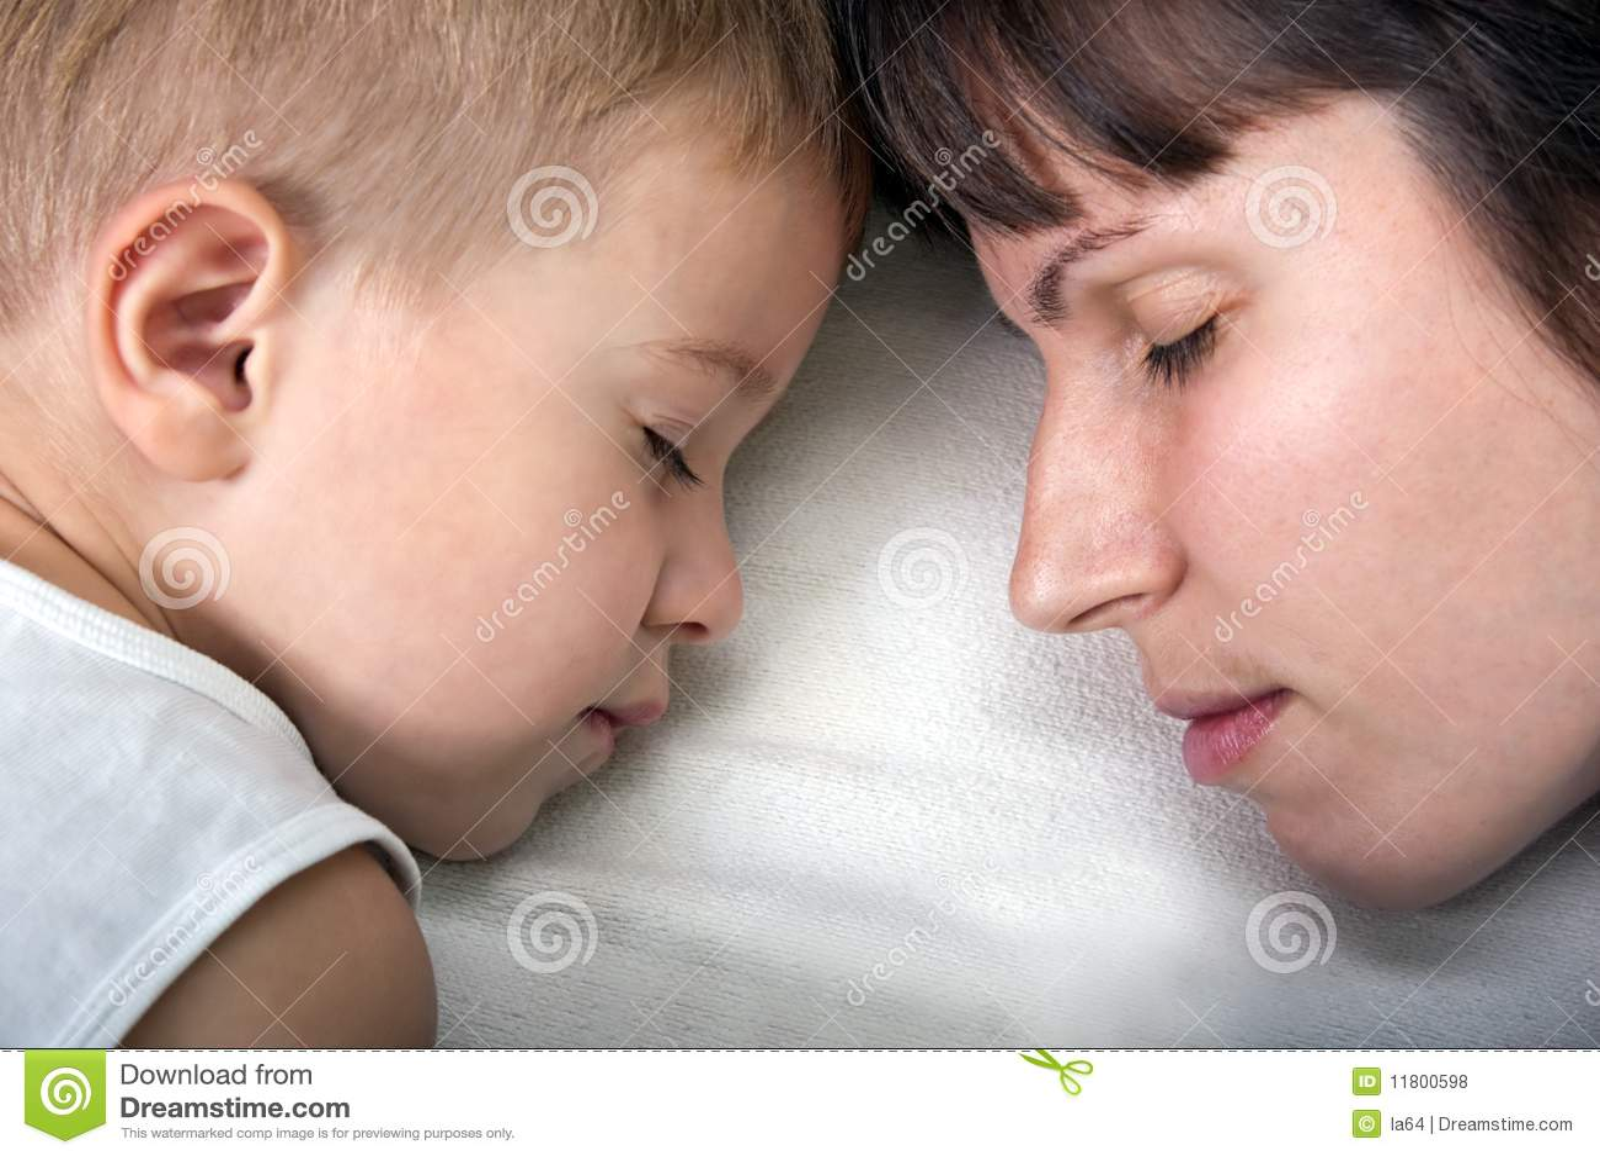 Чулки мамы возбудили сына, Ножки мамы в колготках возбудили сына 27 фотография